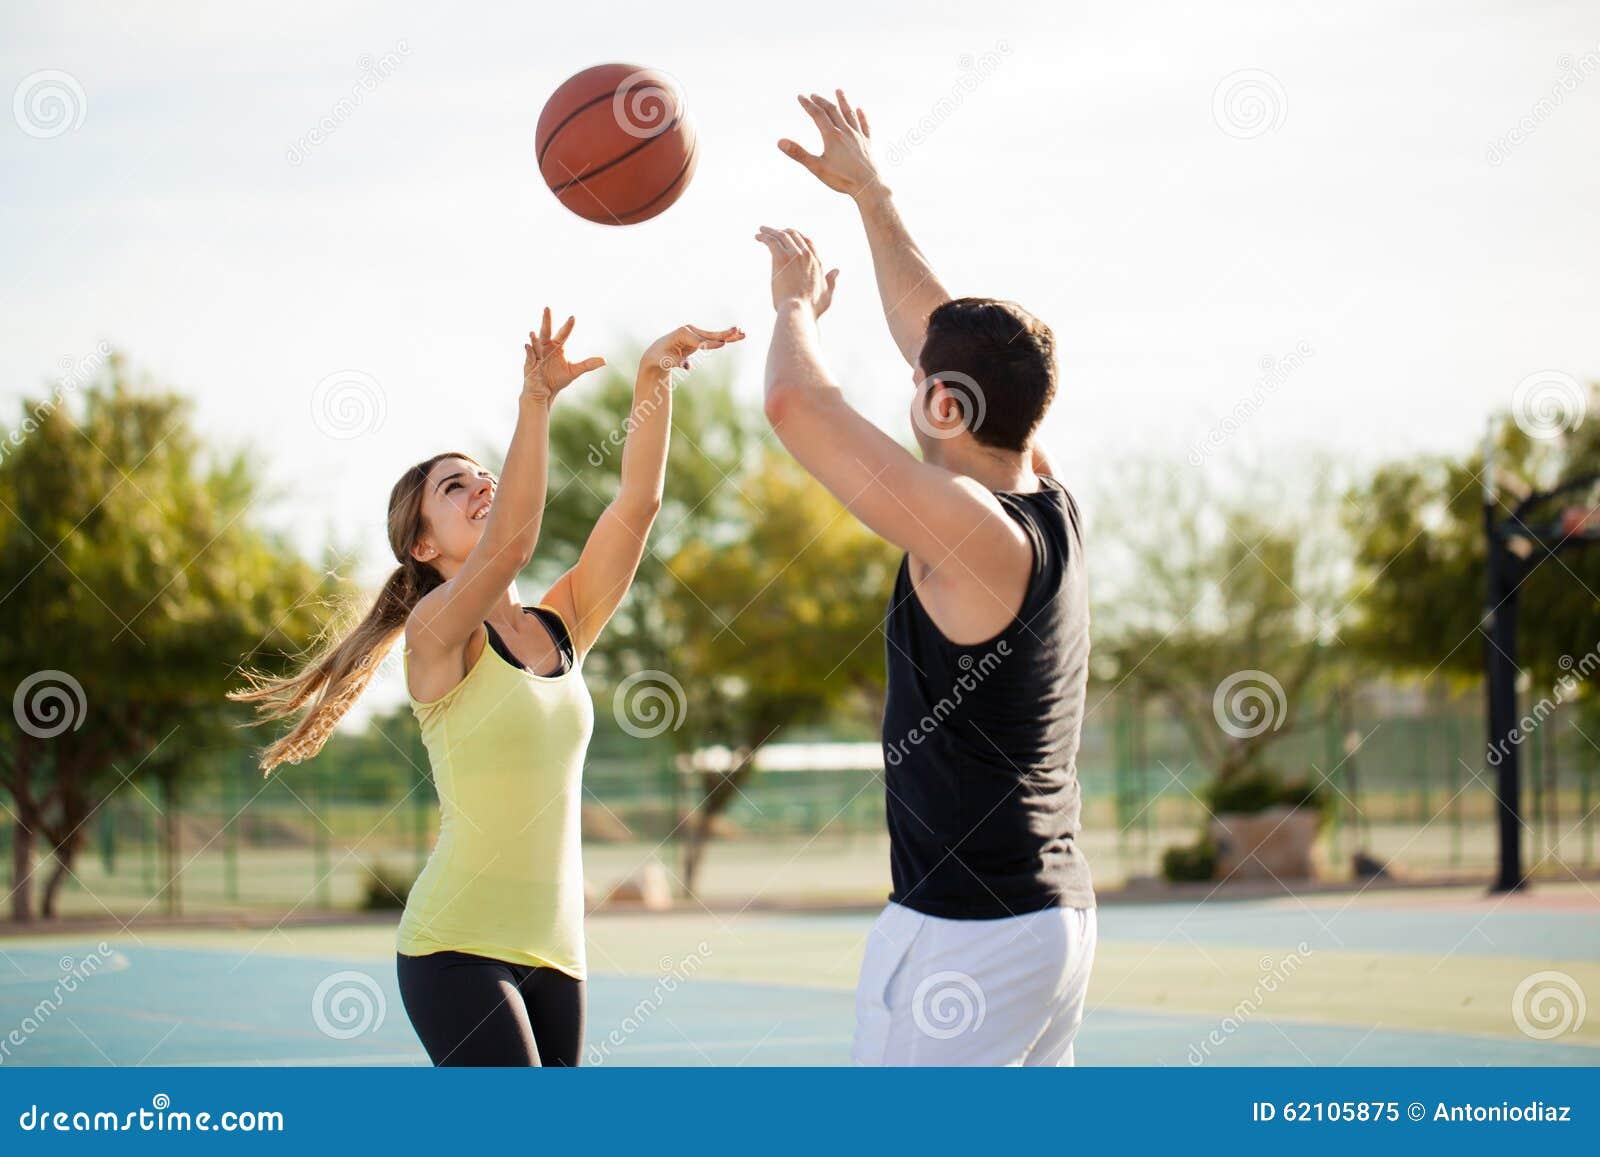 Basketskor online dating